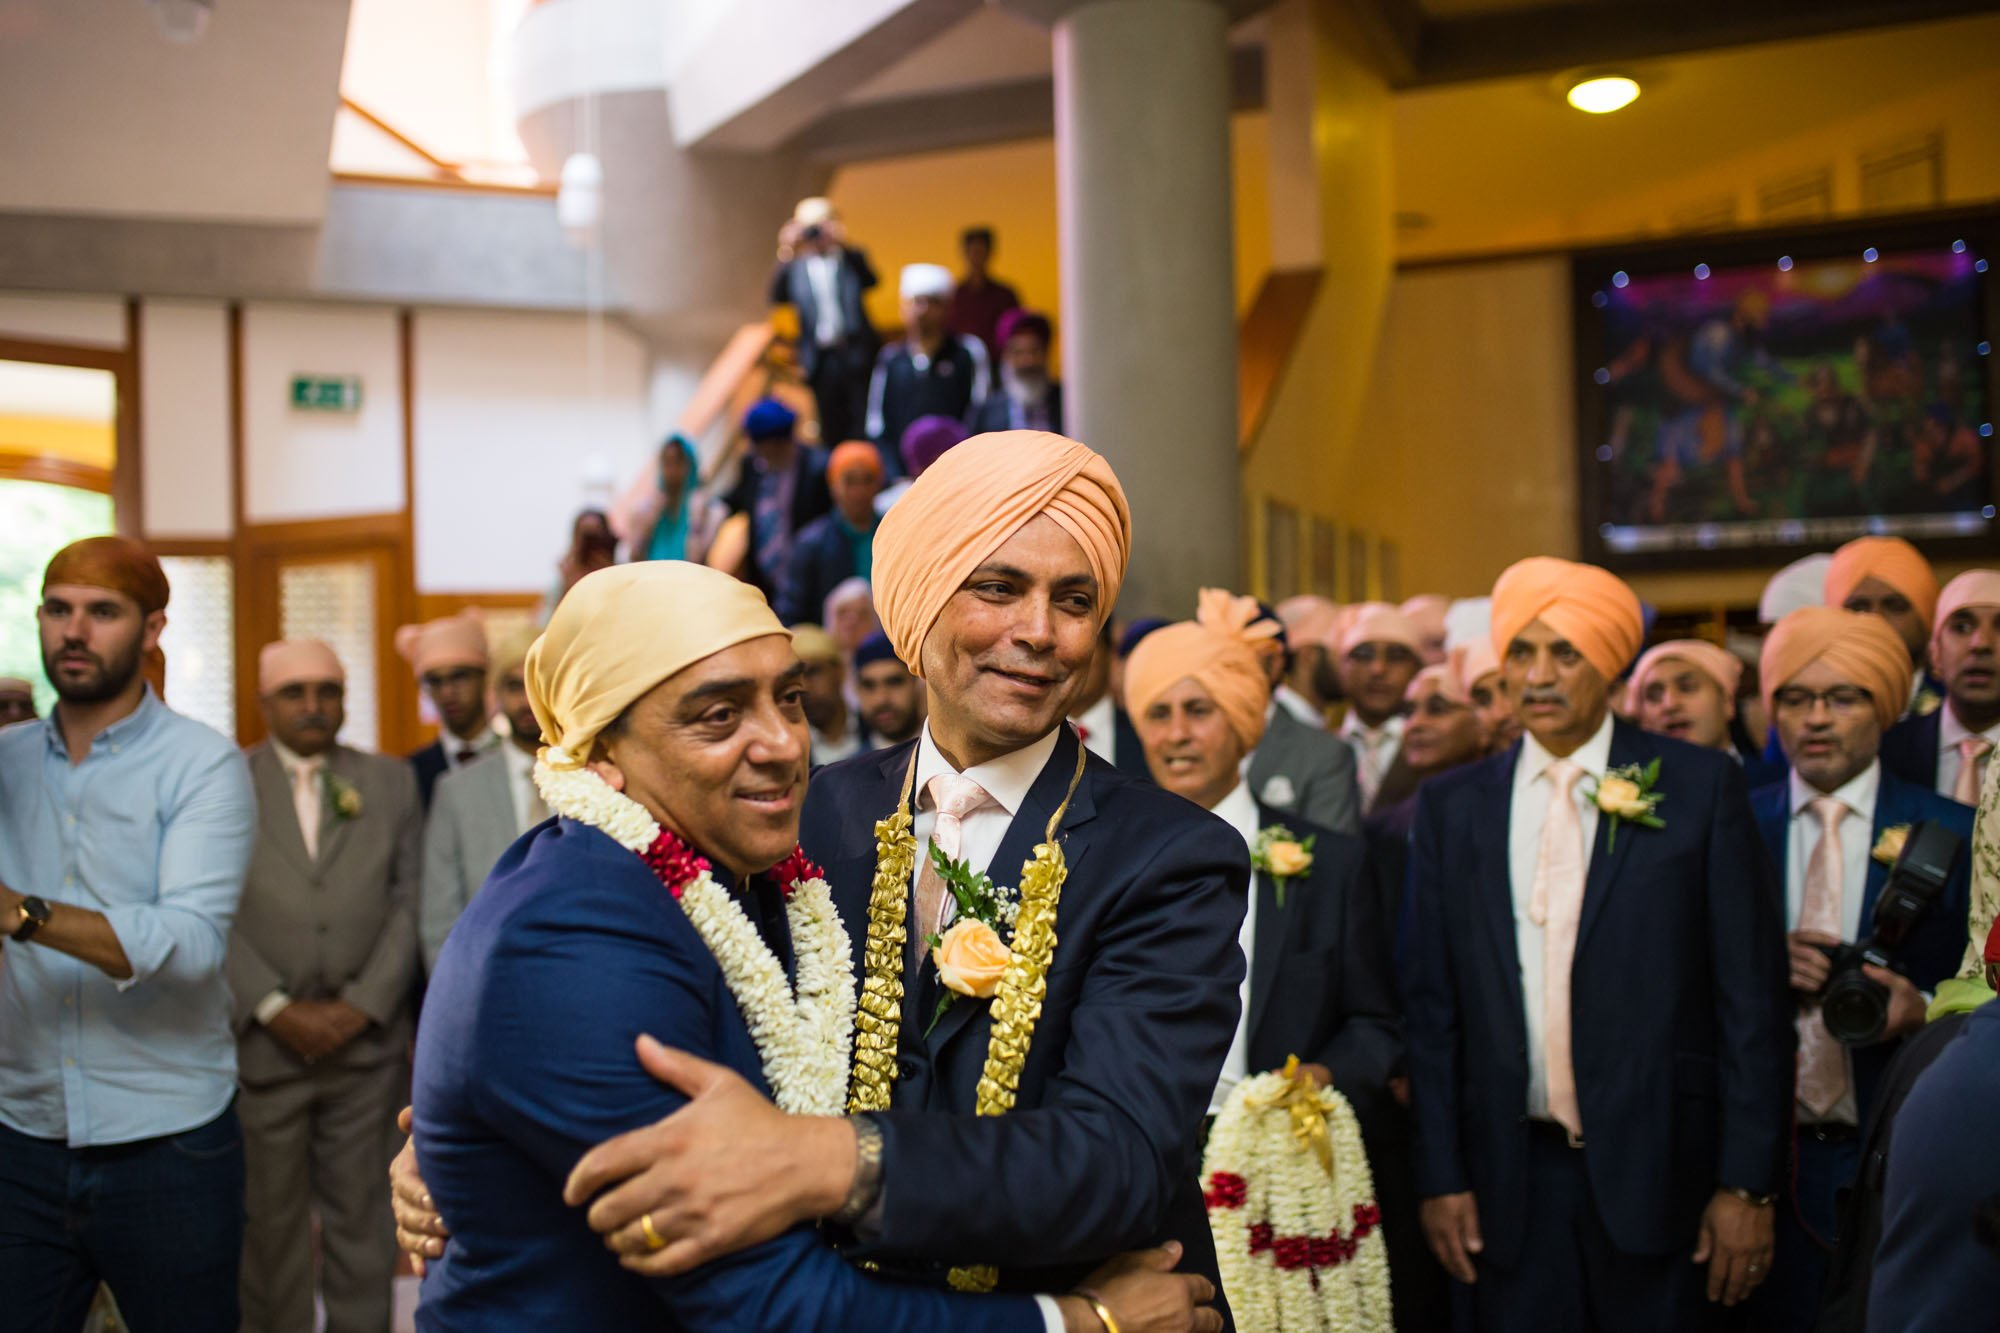 Sikh wedding photographer London, Gurdwara Sri Guru Singh Sabha